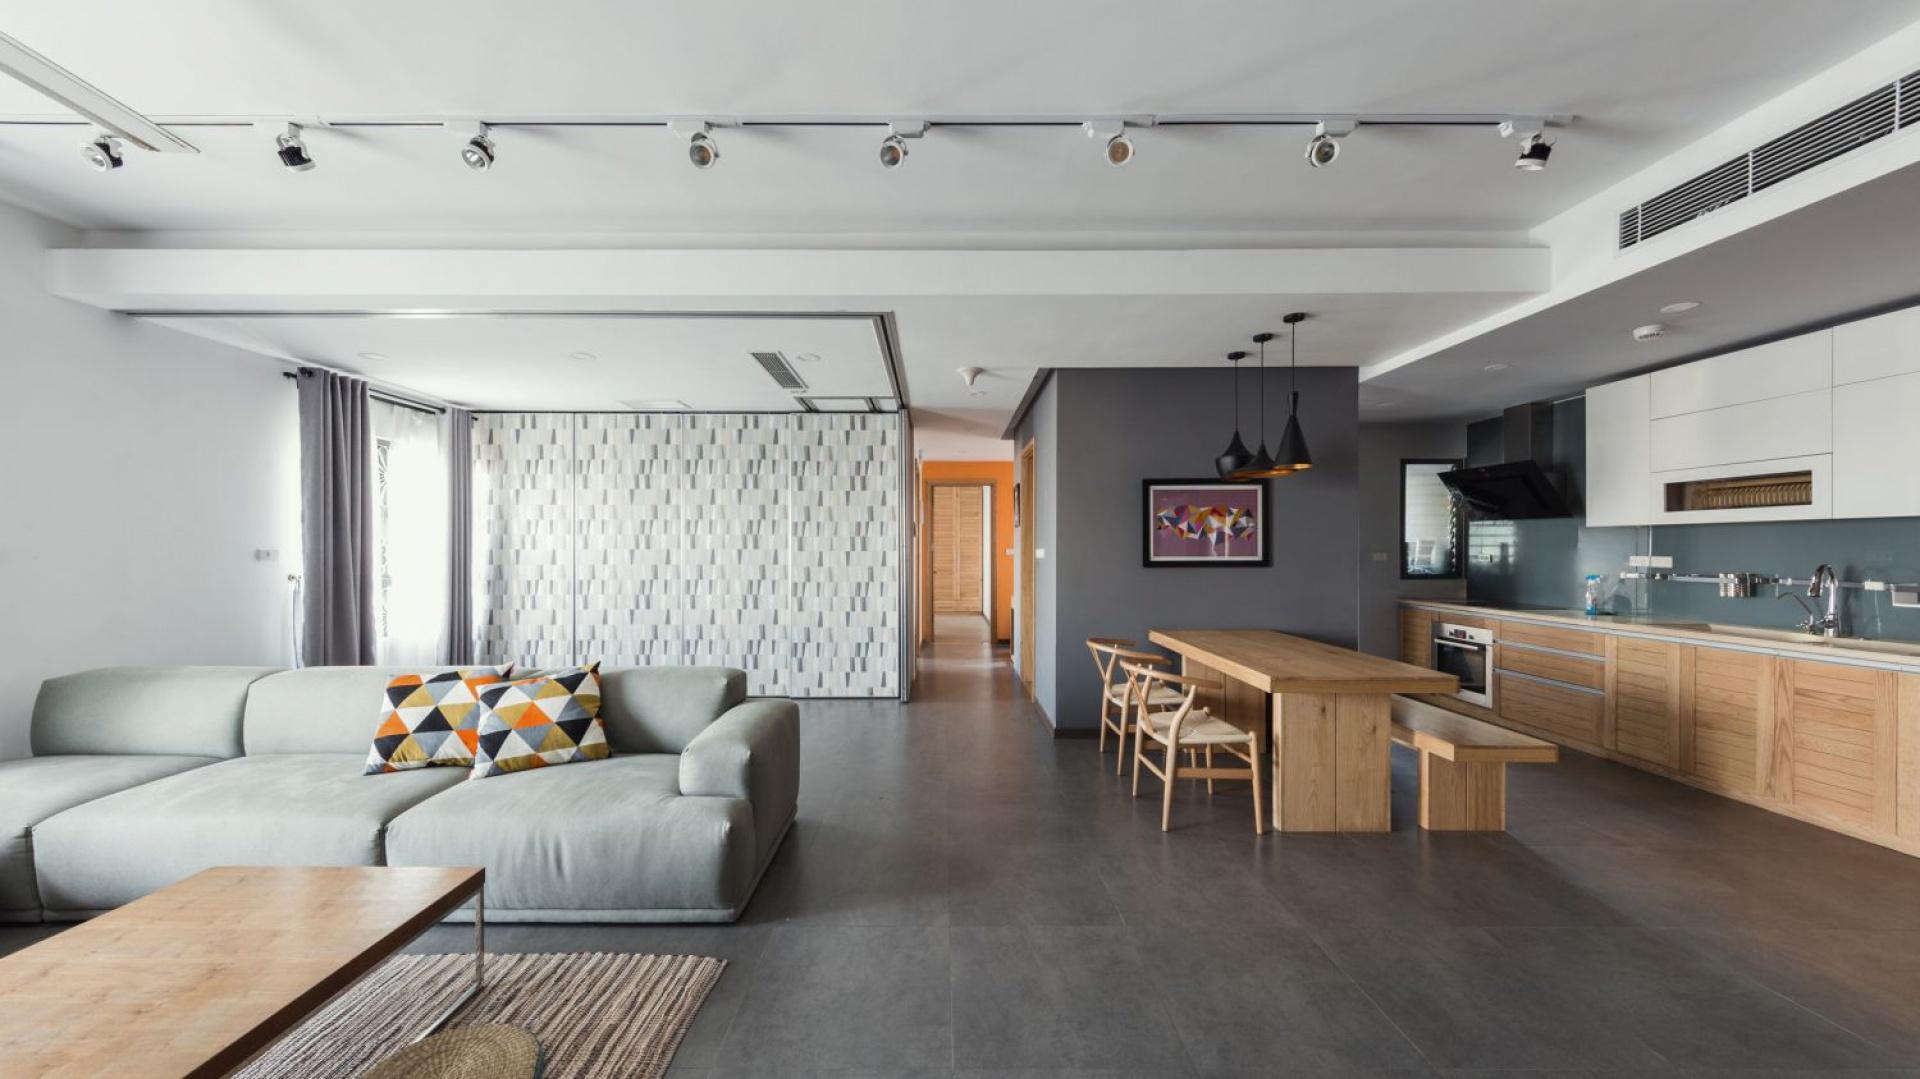 Kuchnię otwarto na salon, a granicę pomiędzy pomieszczeniami wyznacza umownie drewniany stół jadalniany. Projekt: Le Studio. Fot. Thien Thach.